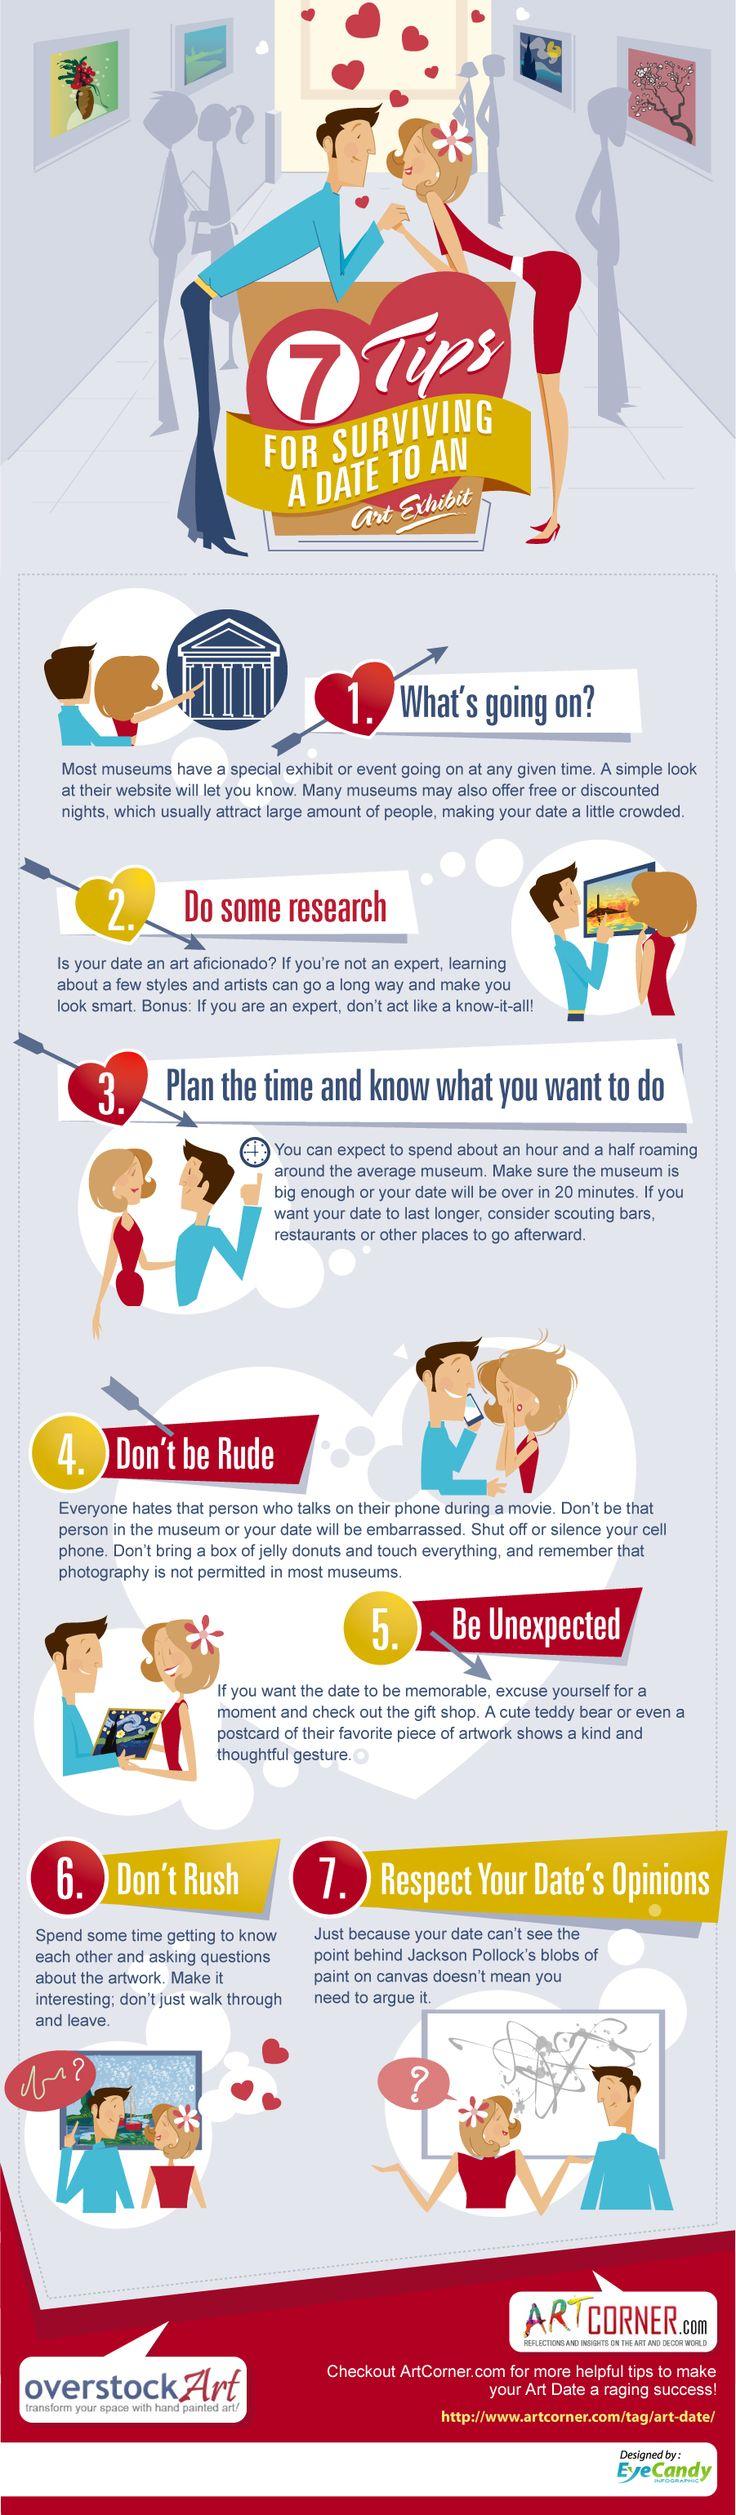 Rendez-vous amoureux:7 bon conseils